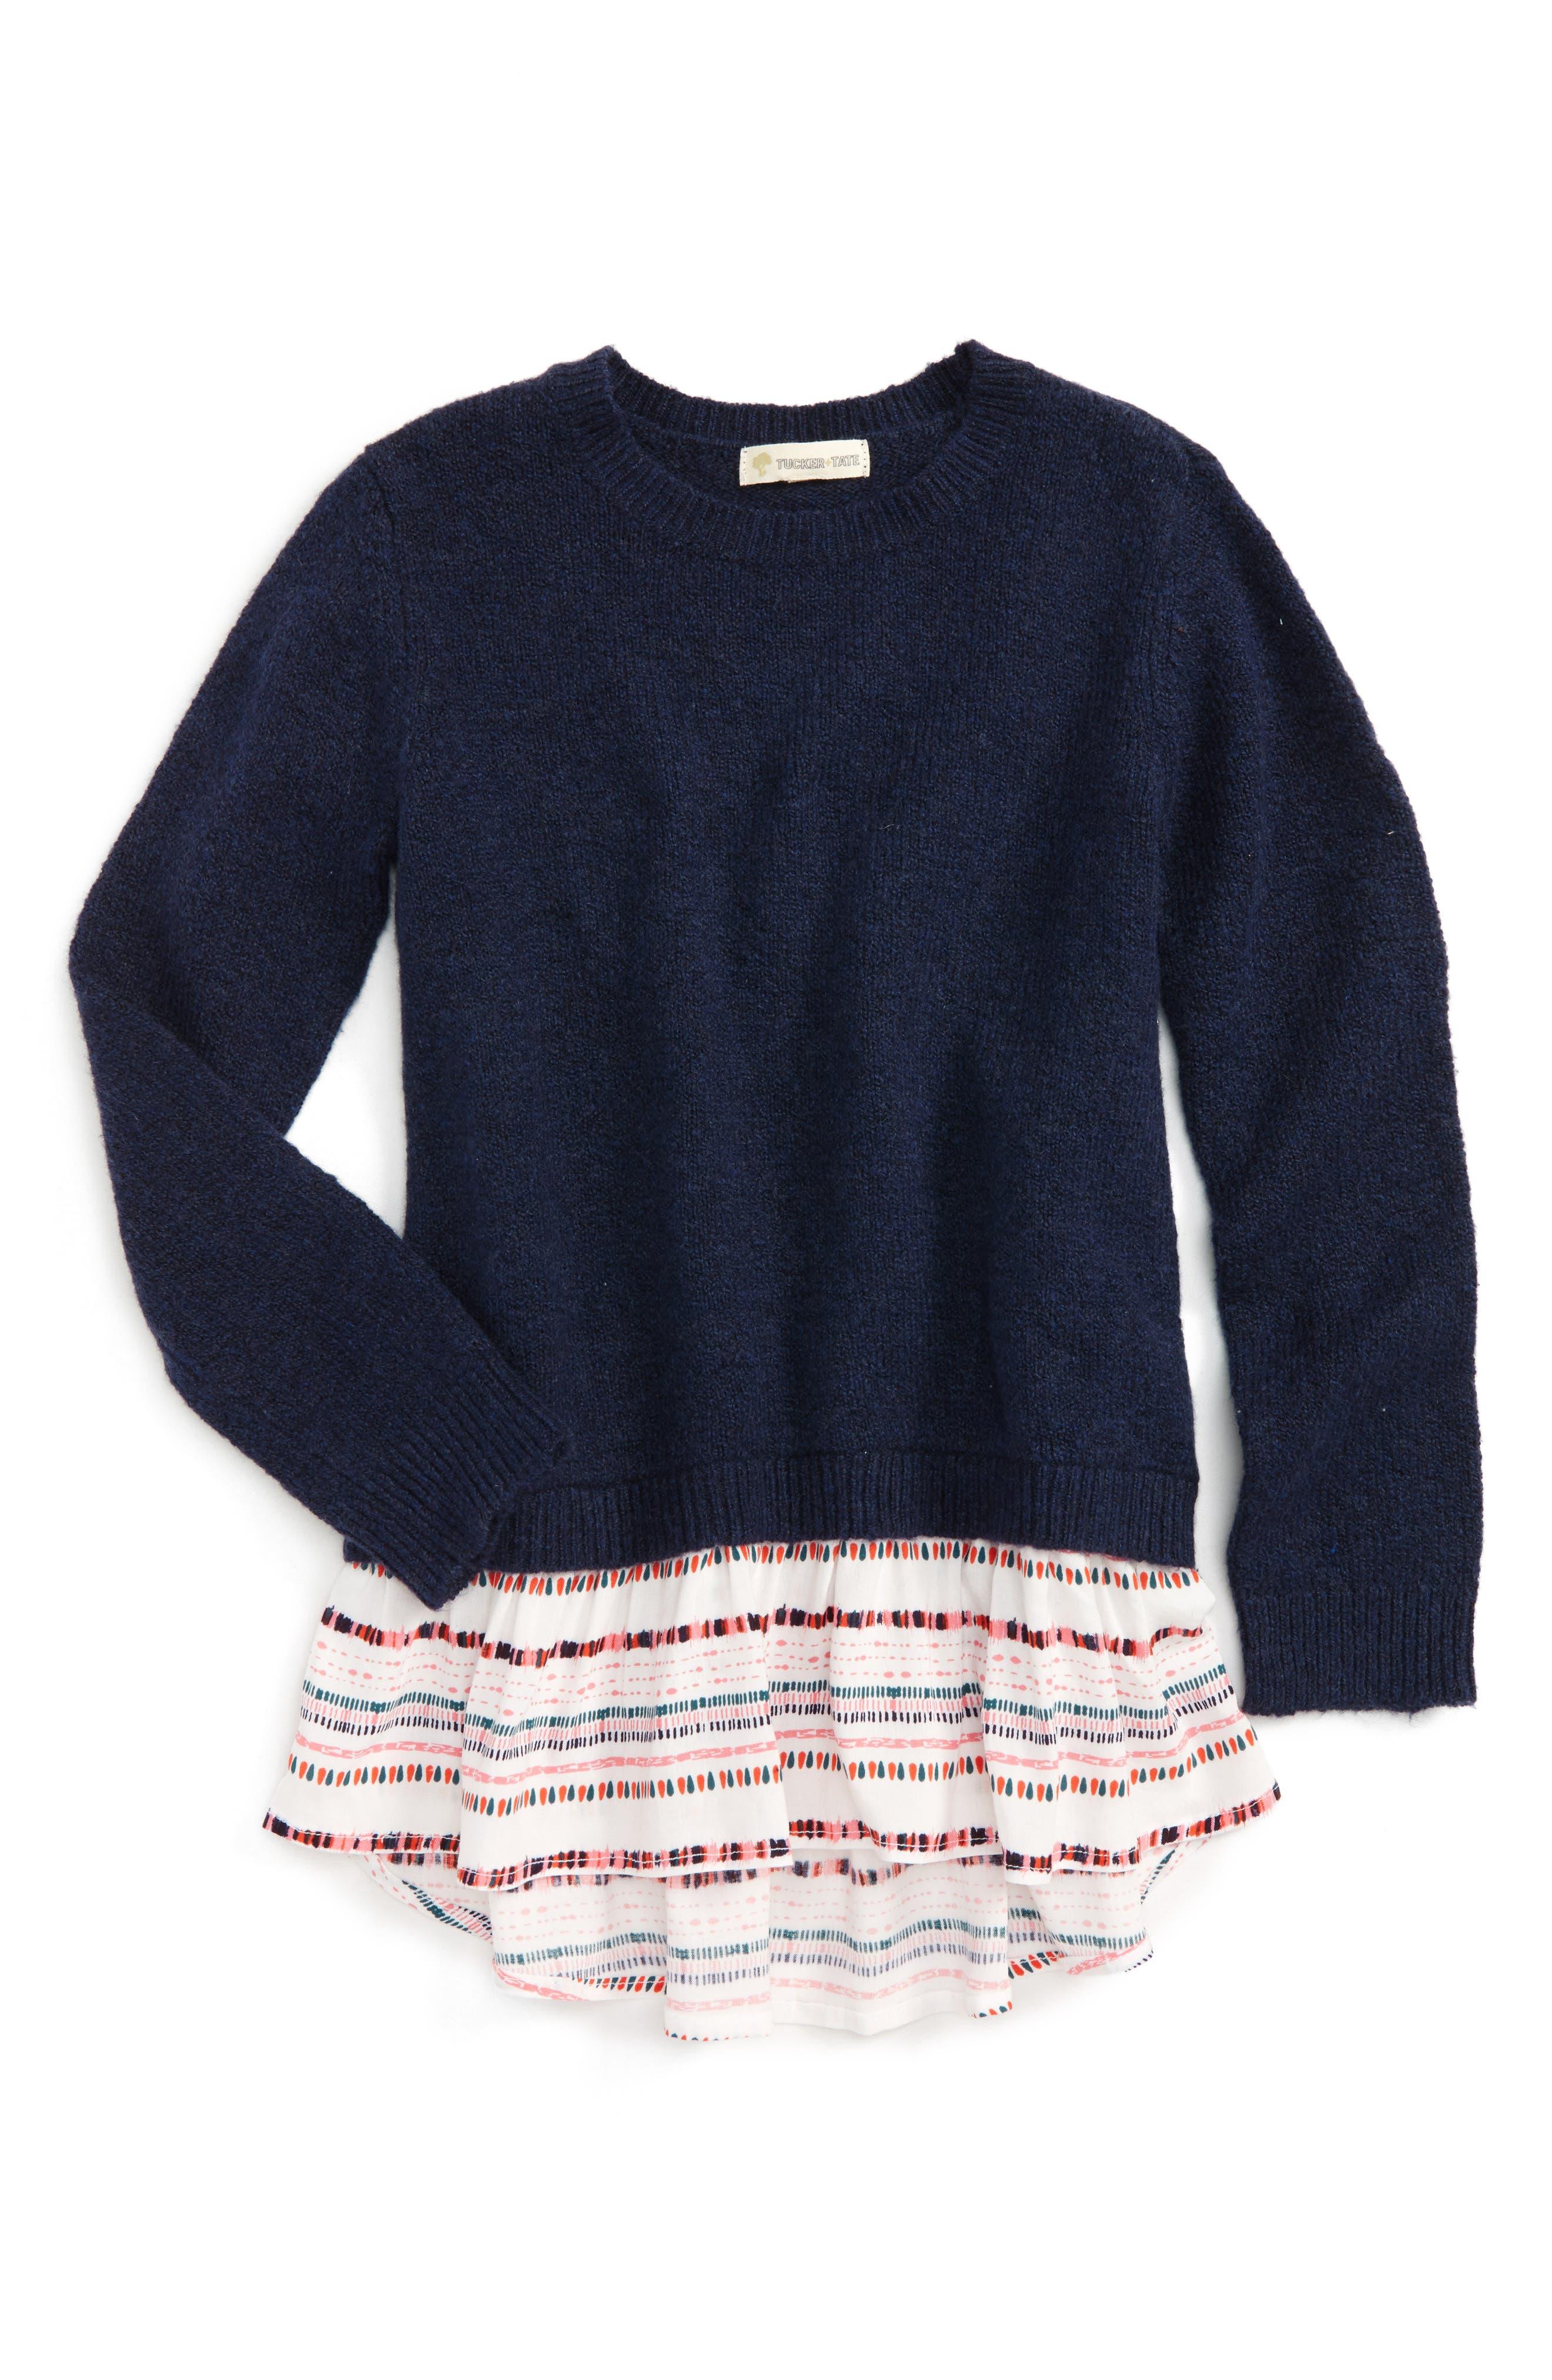 Mixed Media Sweater,                         Main,                         color, Navy Peacoat Heather Geo